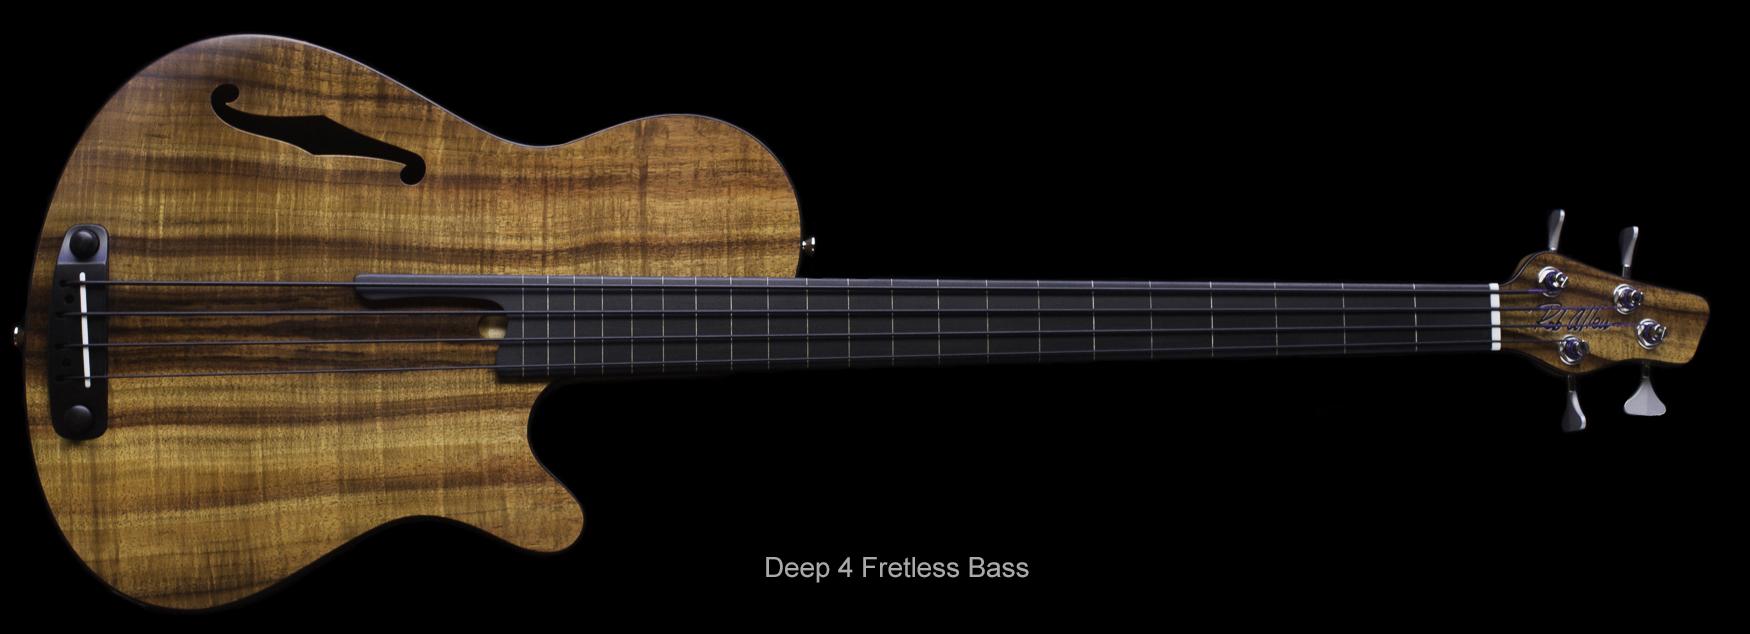 rob allen deep 4 koa bass fretless